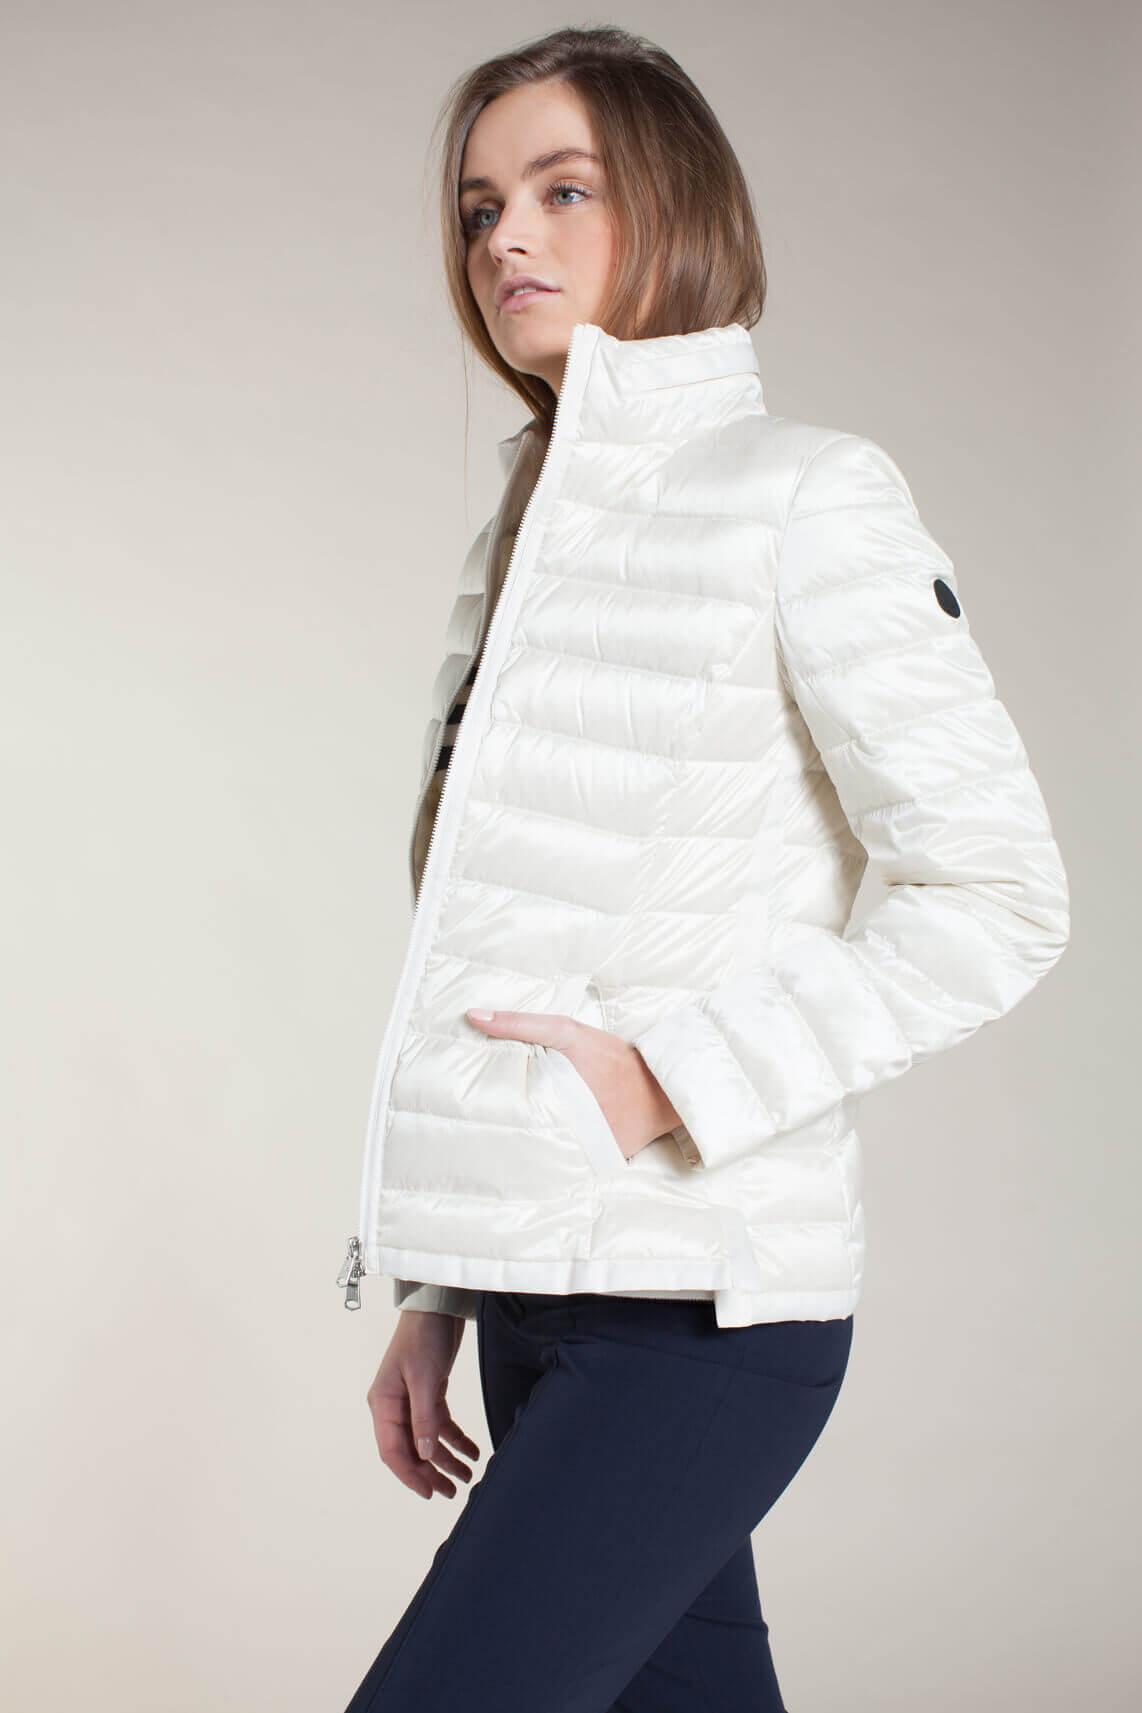 Beaumont Dames Gewatteerde donsjas wit